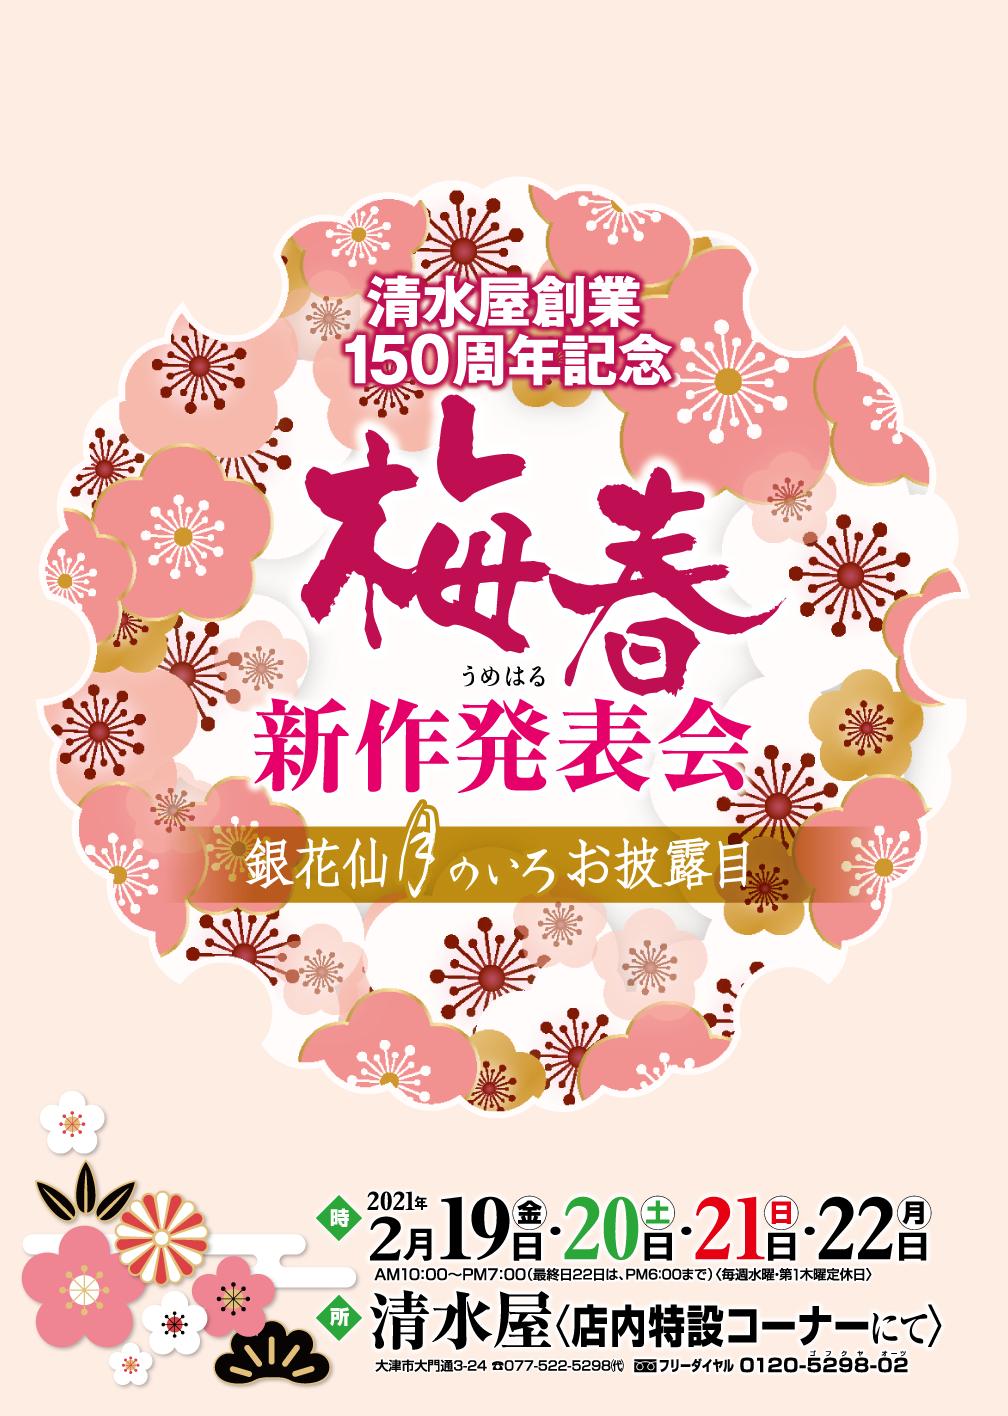 清水屋創業150周年記念 梅春新作発表会